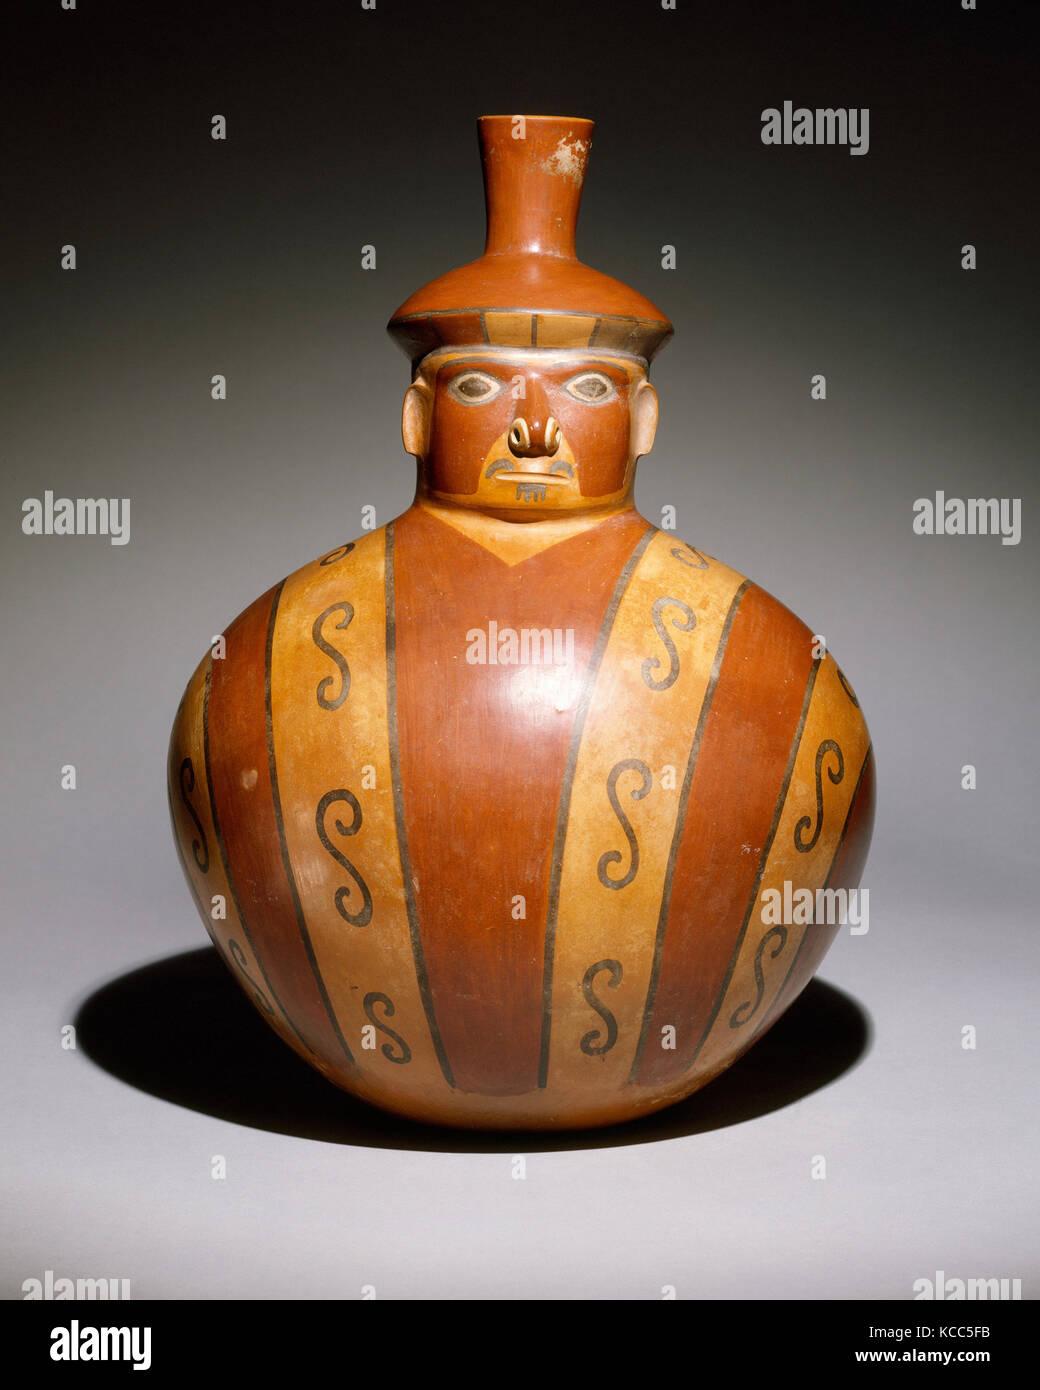 Figure Vessel, 6th–9th century, Peru, Wari, Ceramic, H. 15 in. (35.1 cm), Ceramics-Containers - Stock Image